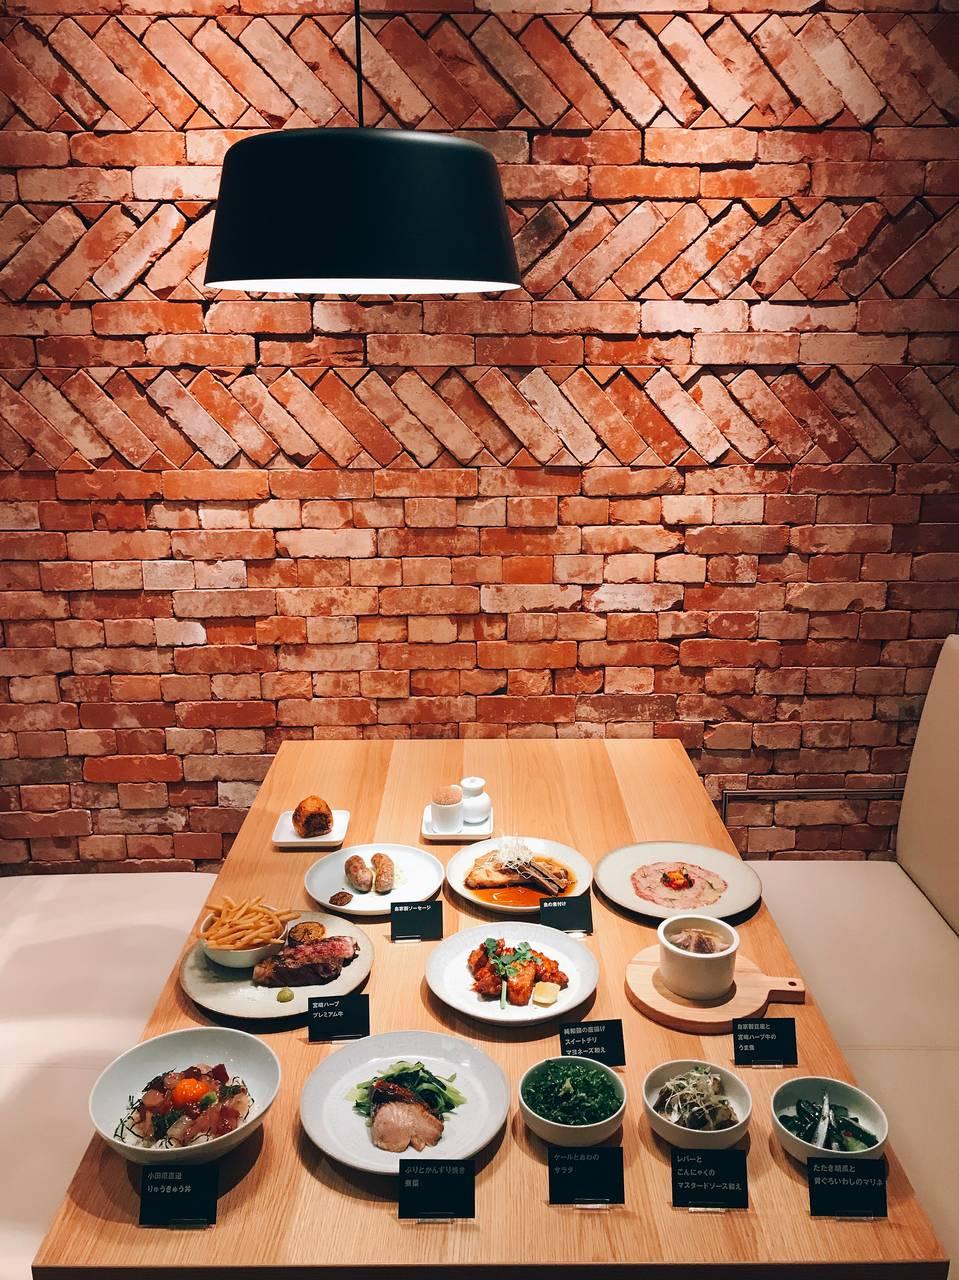 ▲使用產地新鮮直送的食材,以蔬菜為中心提供客人健康好吃的一品料理。 早餐大約500日圓,午間套餐約850~1000日圓,晚餐約400~2900日圓,非常經濟划算的價位。